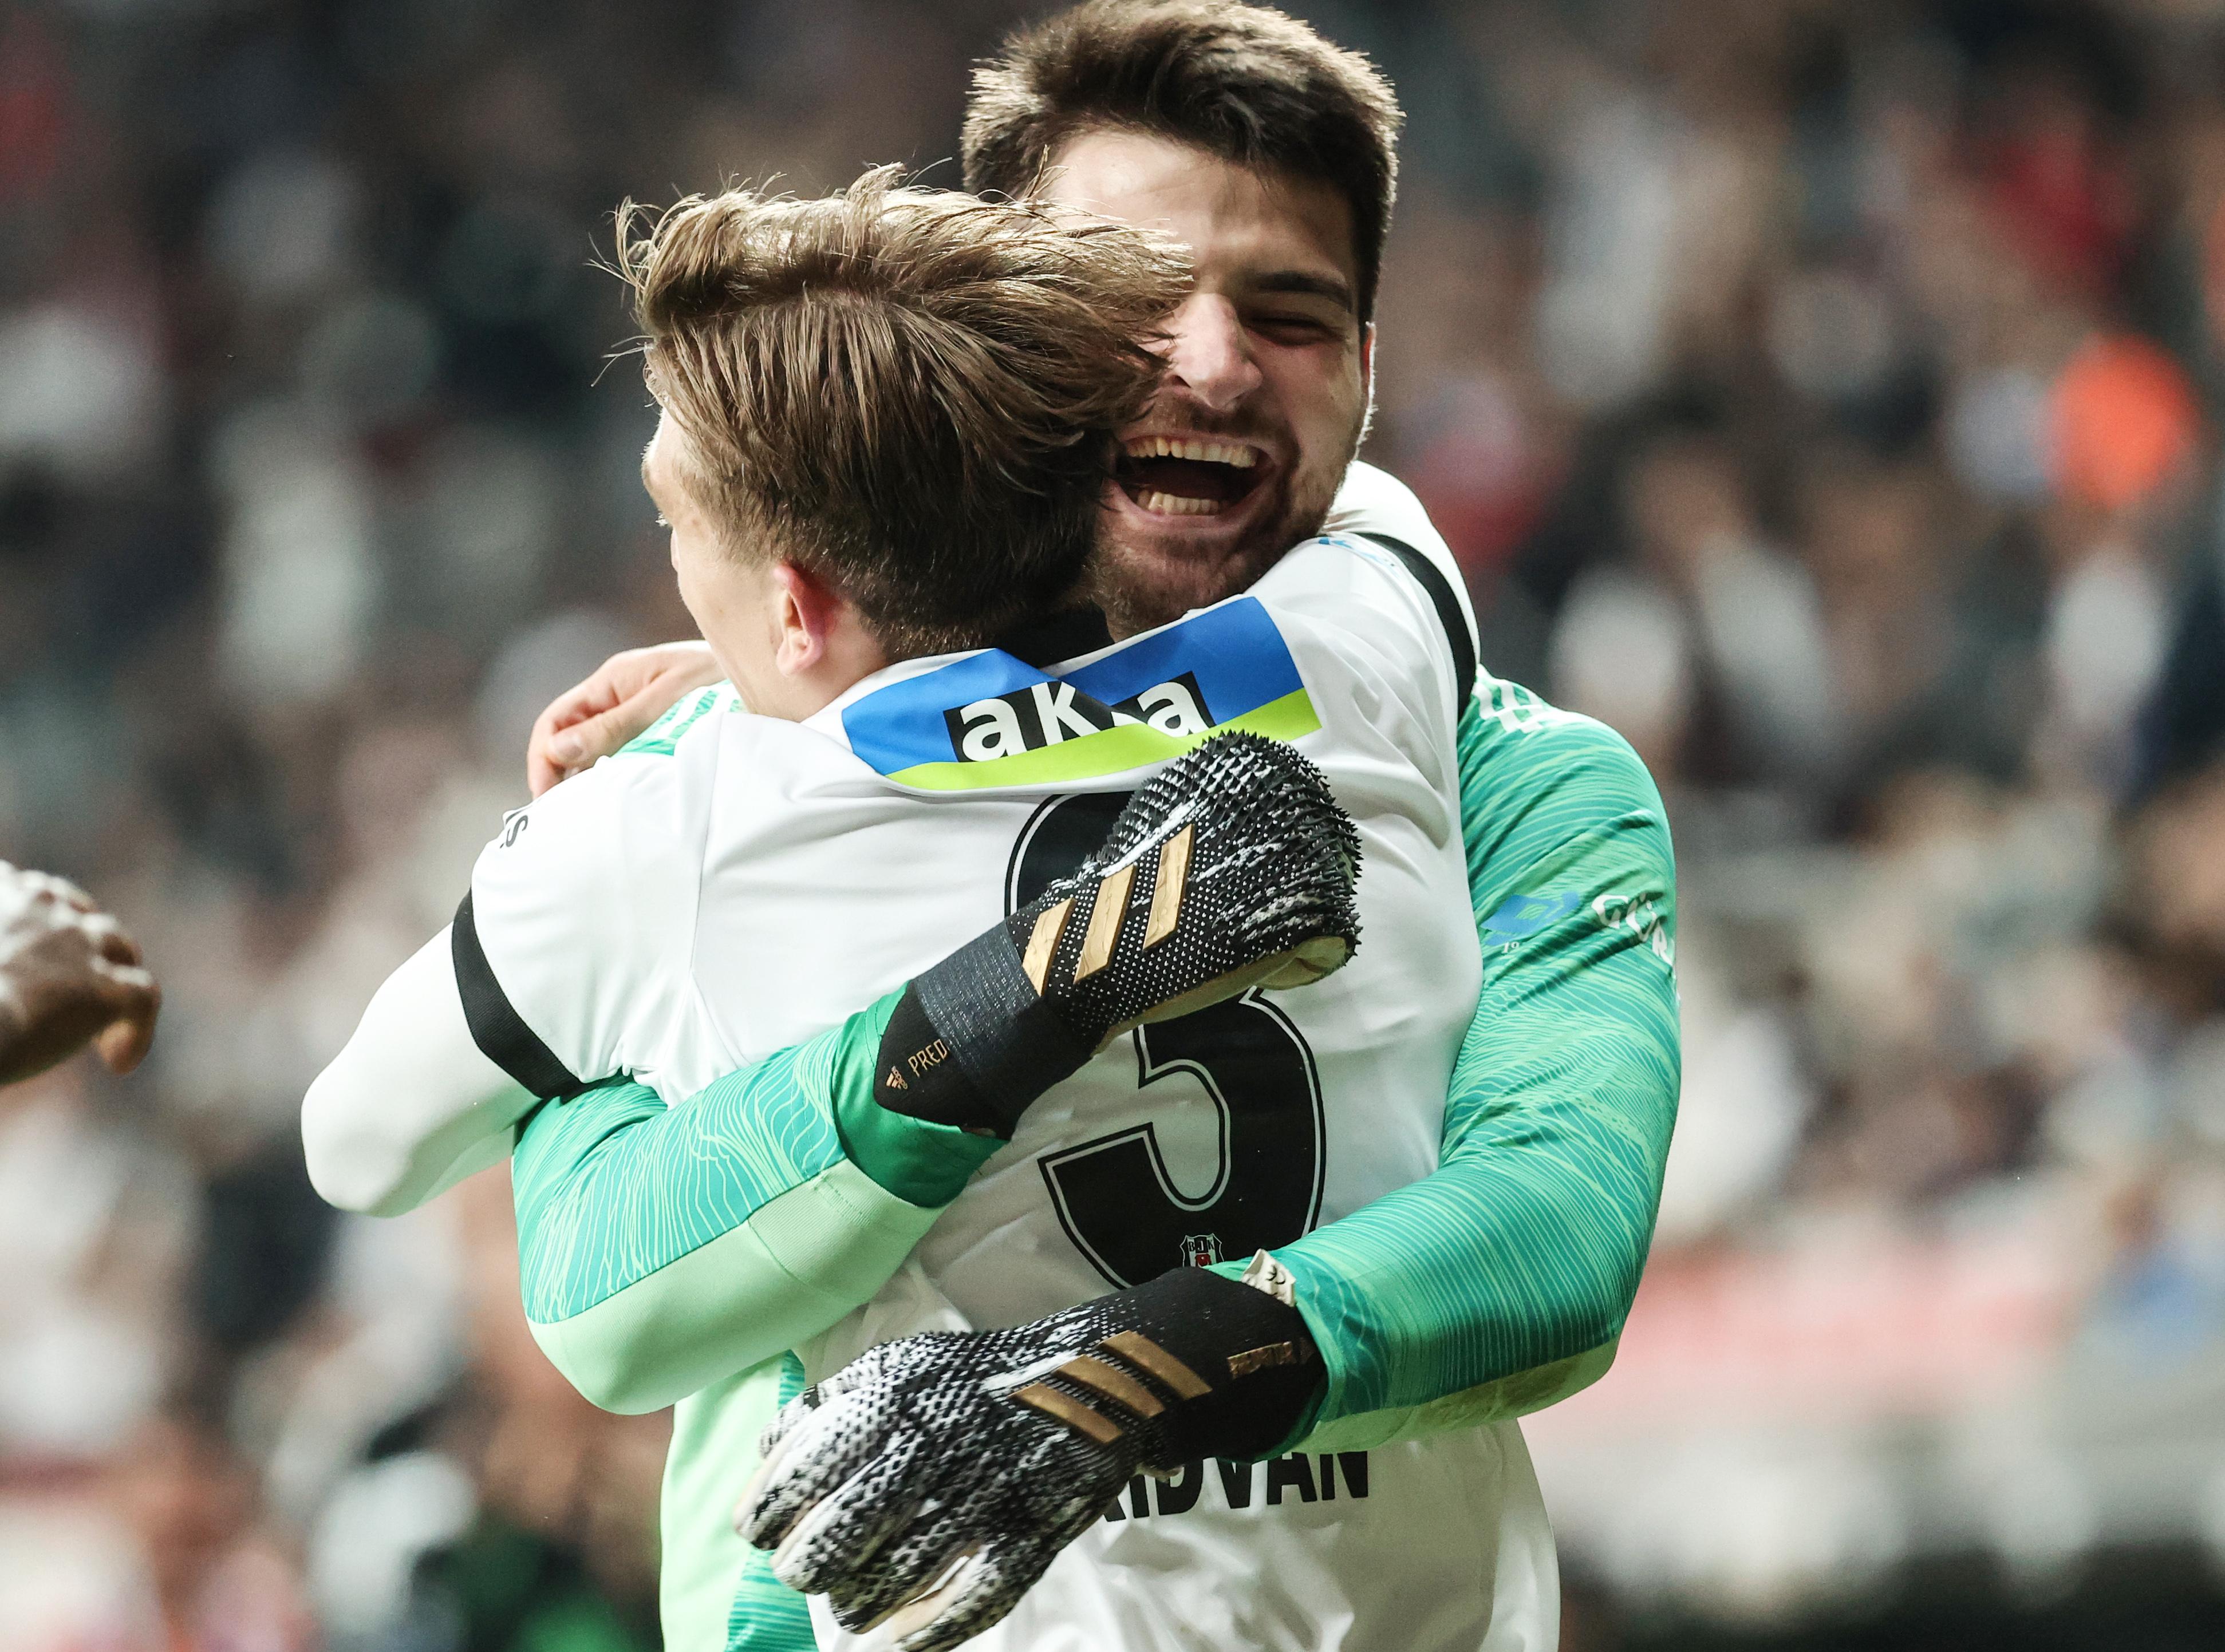 <p>Geçtiğimiz hafta Çaykur Rizespor'u 3-1 mağlup ederek ilk galibiyetini alan Adana ekibi ise puanını 6 yaptı.</p>